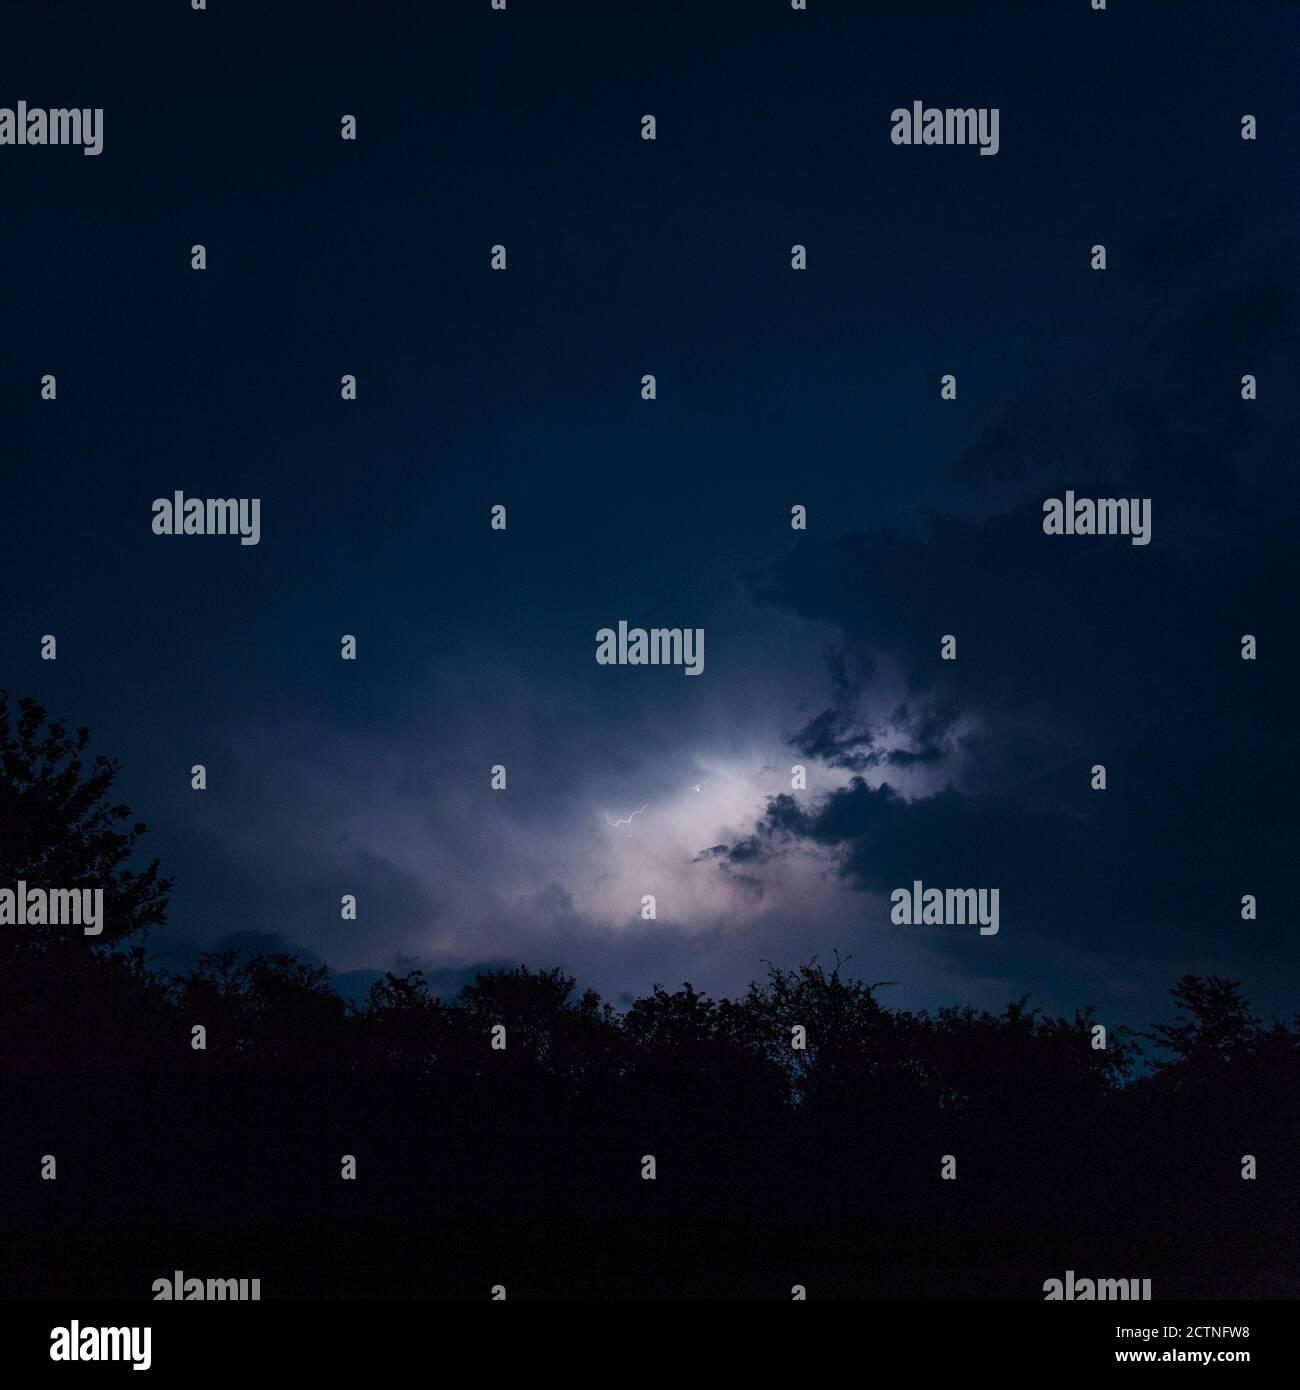 Lightning storm, night sky, flash of lightning Stock Photo